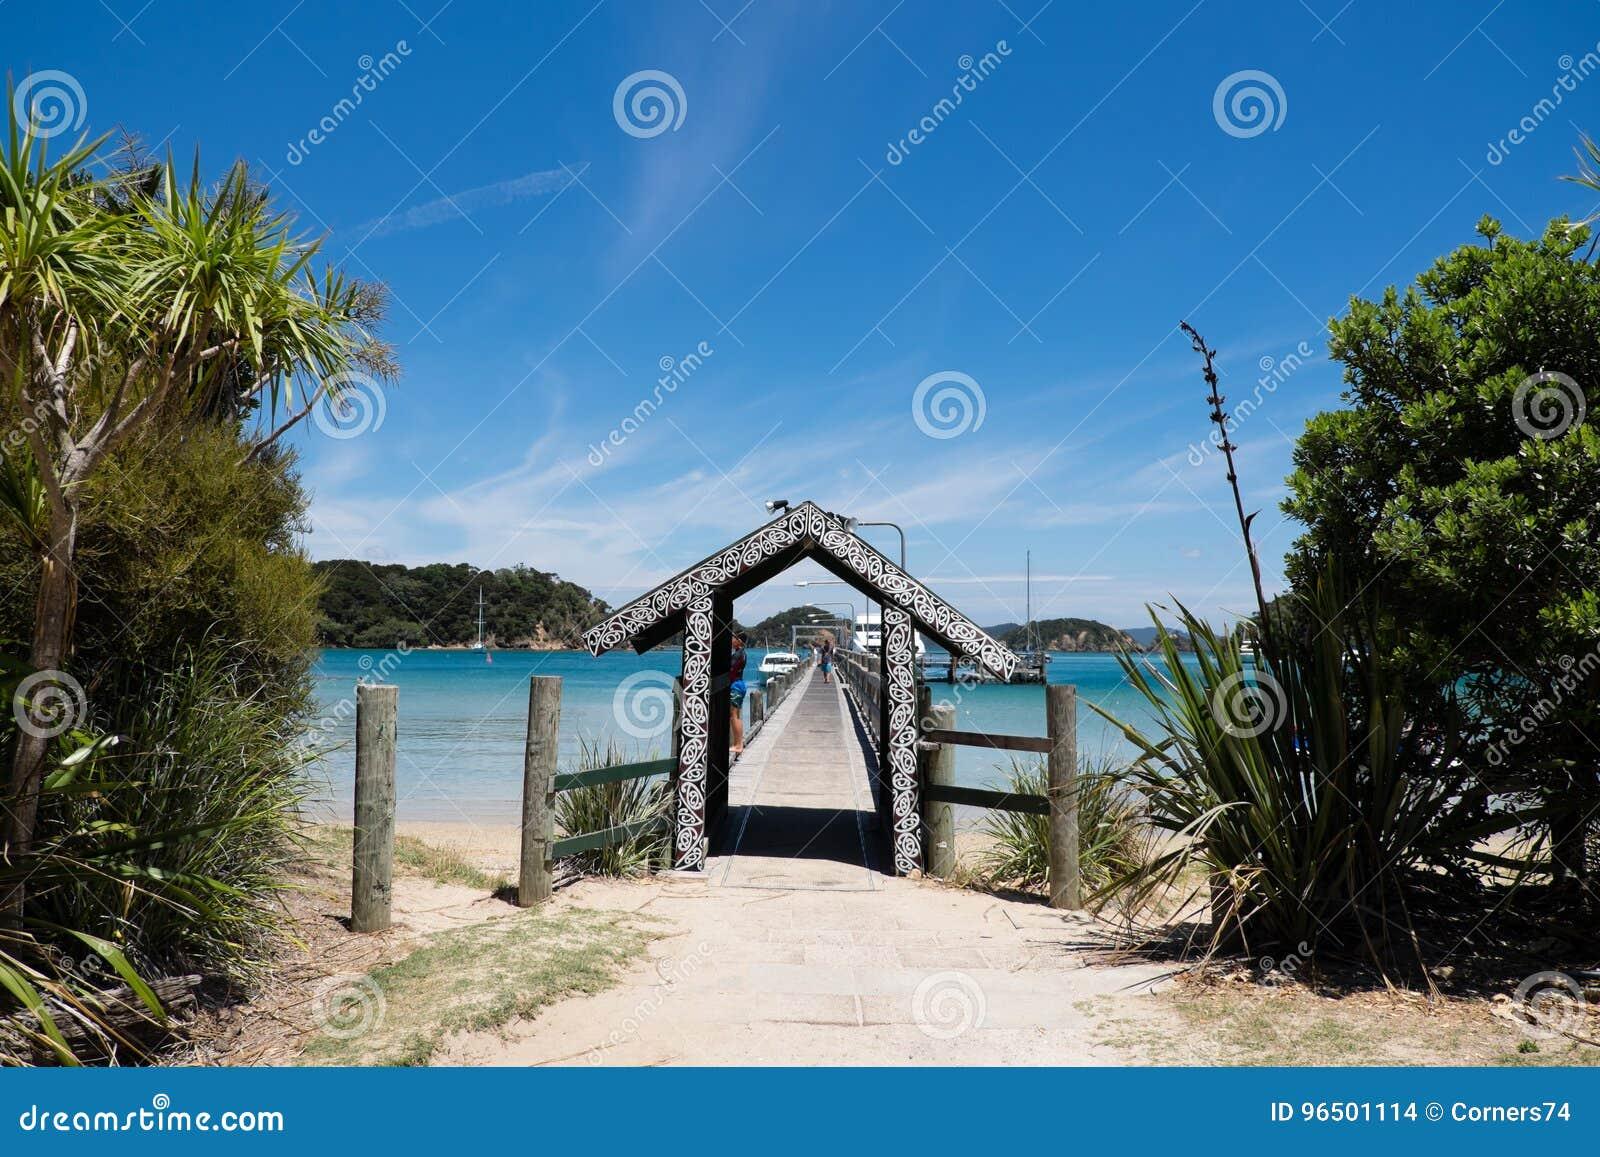 Ilha de Urupukapuka, baía das ilhas, Nova Zelândia, NZ - 1º de fevereiro